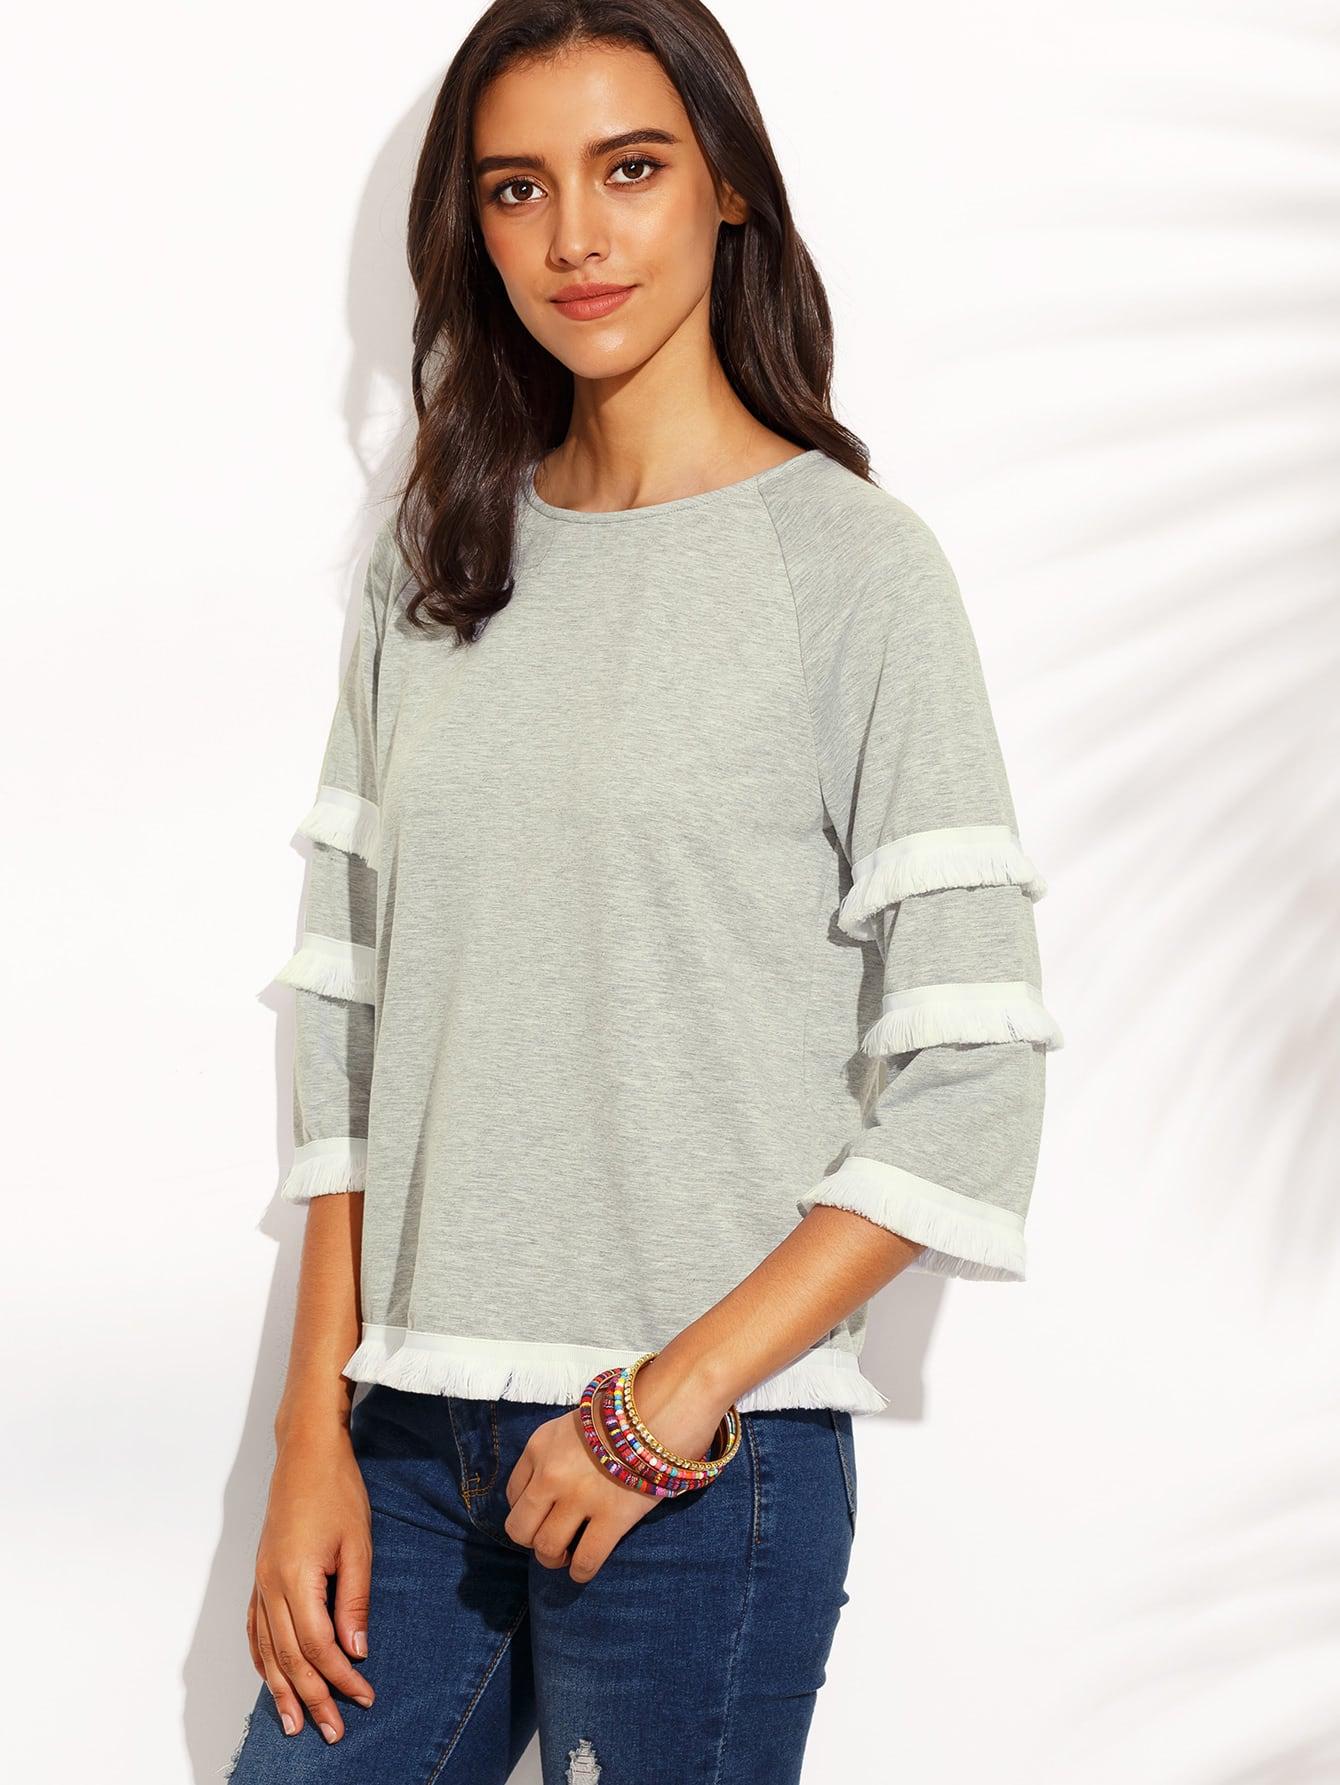 sweatshirt160810701_2